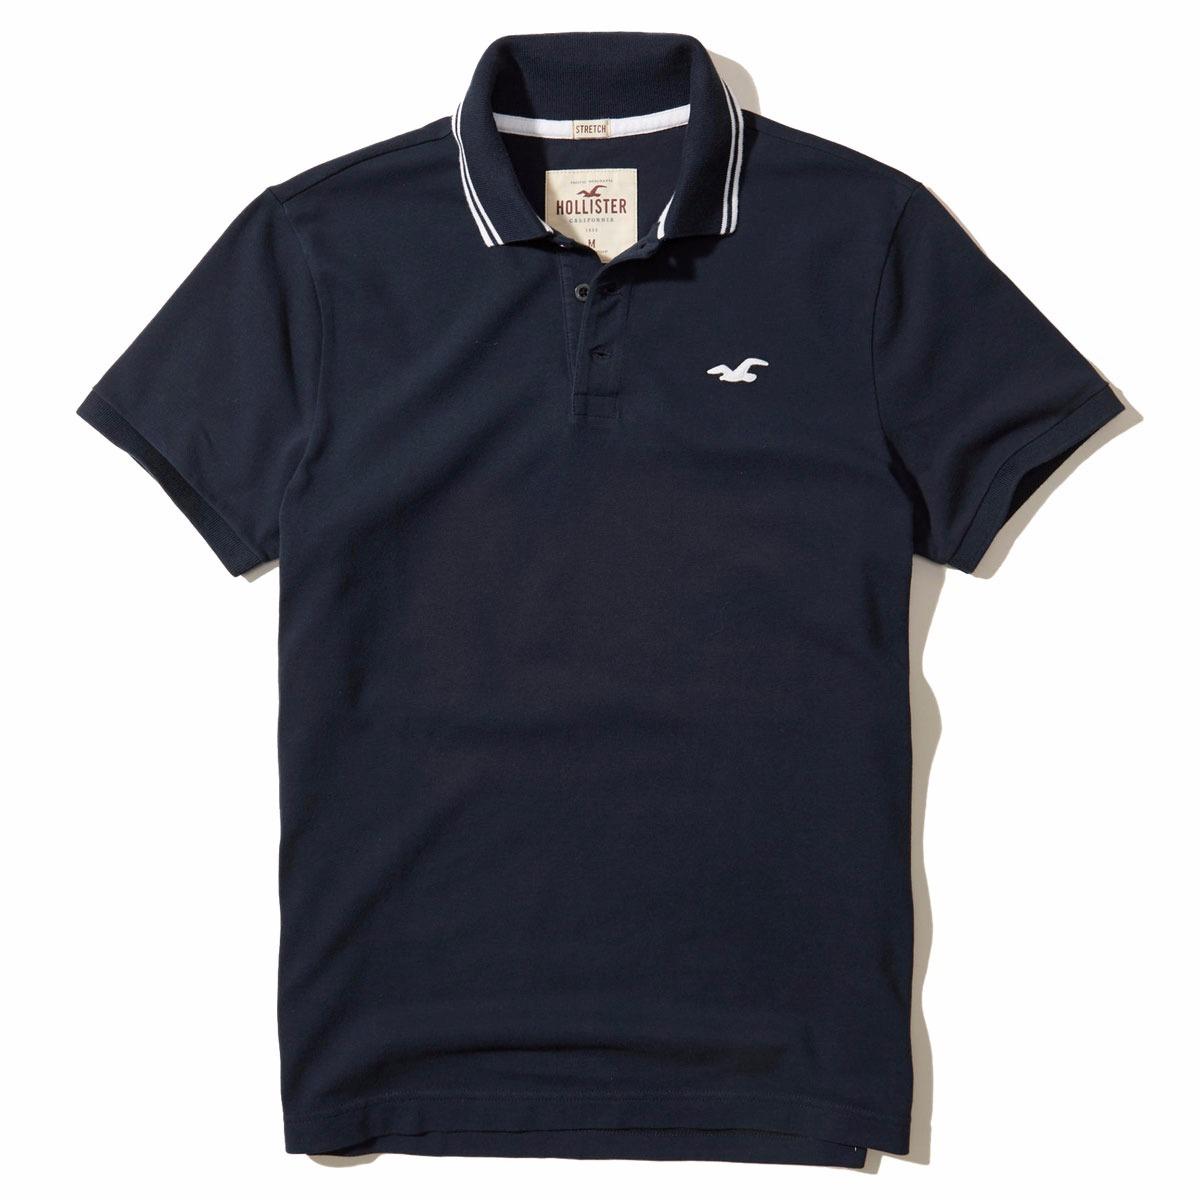 8b259a3806 camisa polo hollister masculina - 100% original - tam m - p2. Carregando  zoom.